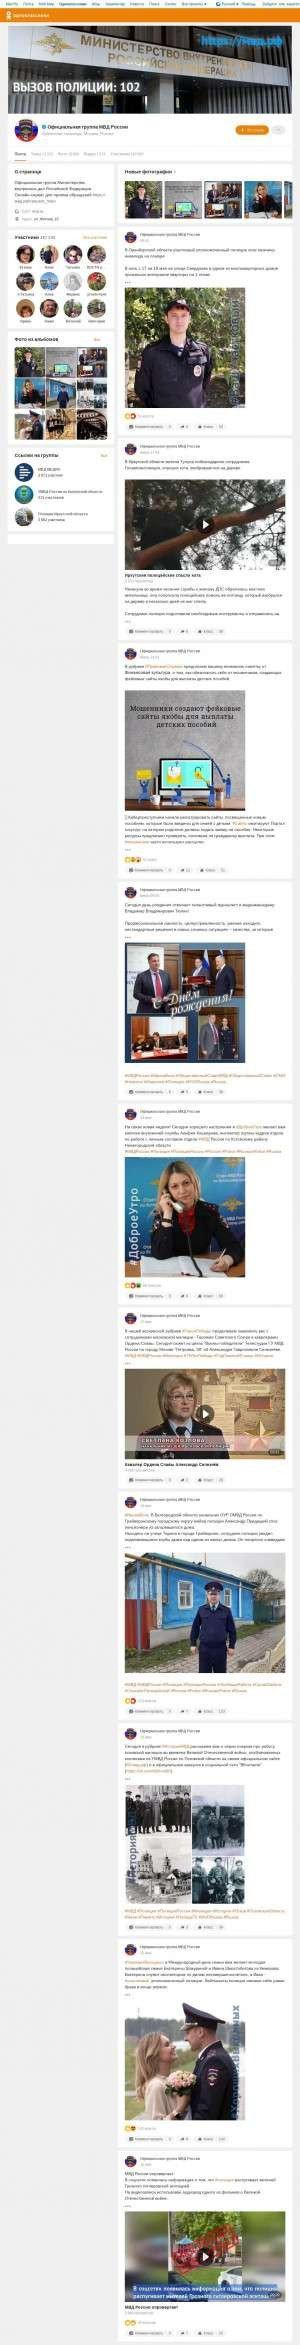 Предпросмотр для www.odnoklassniki.ru — УМВД России по Ульяновской области